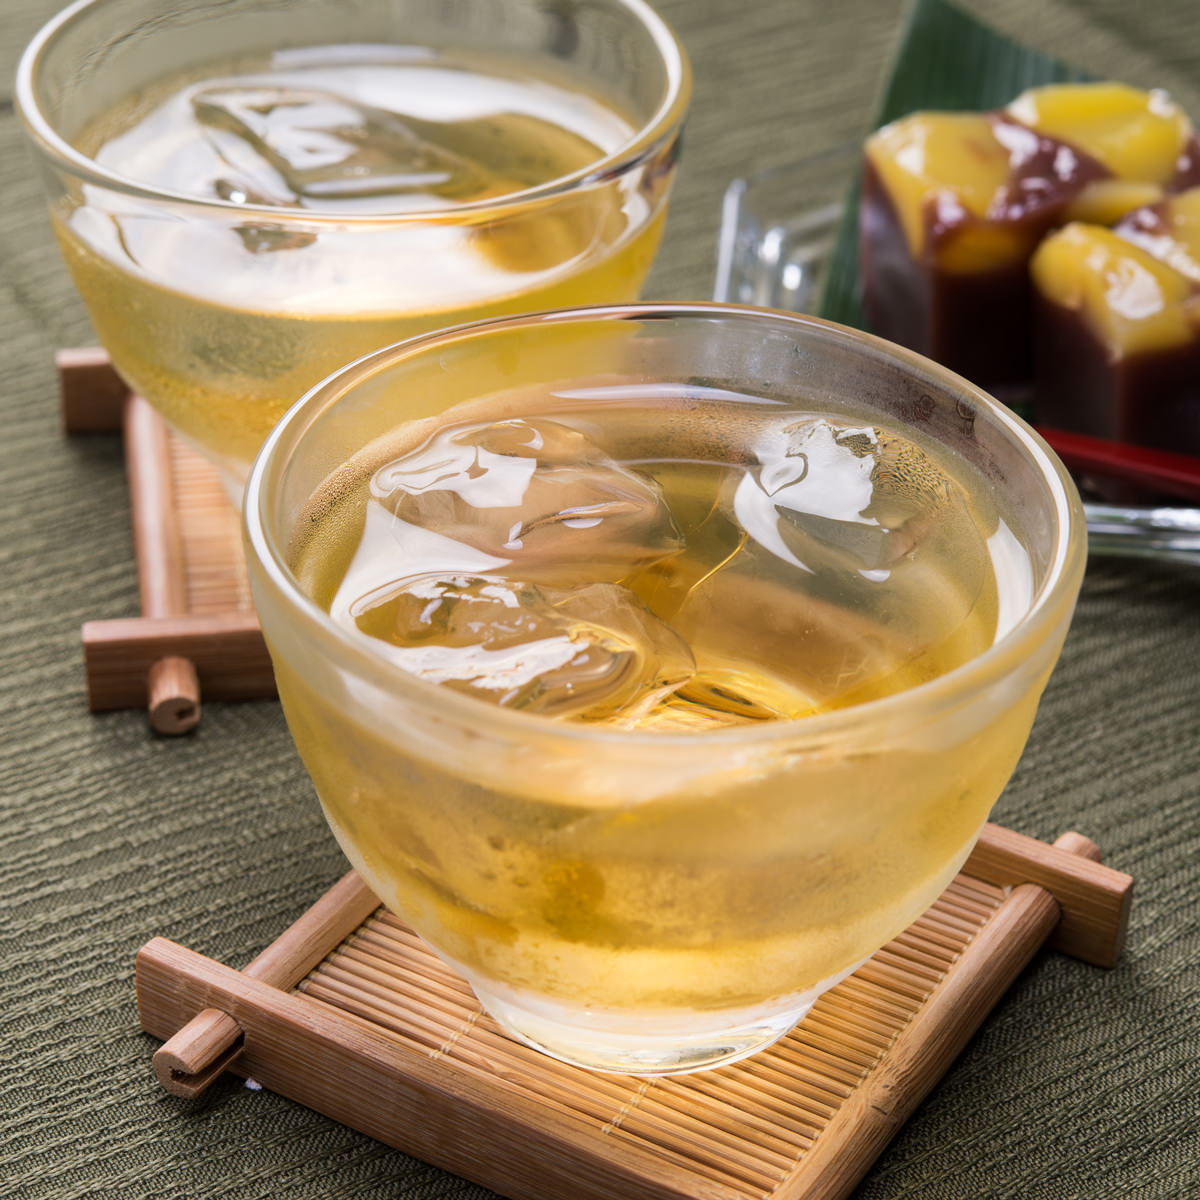 諸田製茶 スッキリとした後味 香り豊かな静岡のおいしい緑茶 川根の茶 ペットボトル〔500ml×24〕